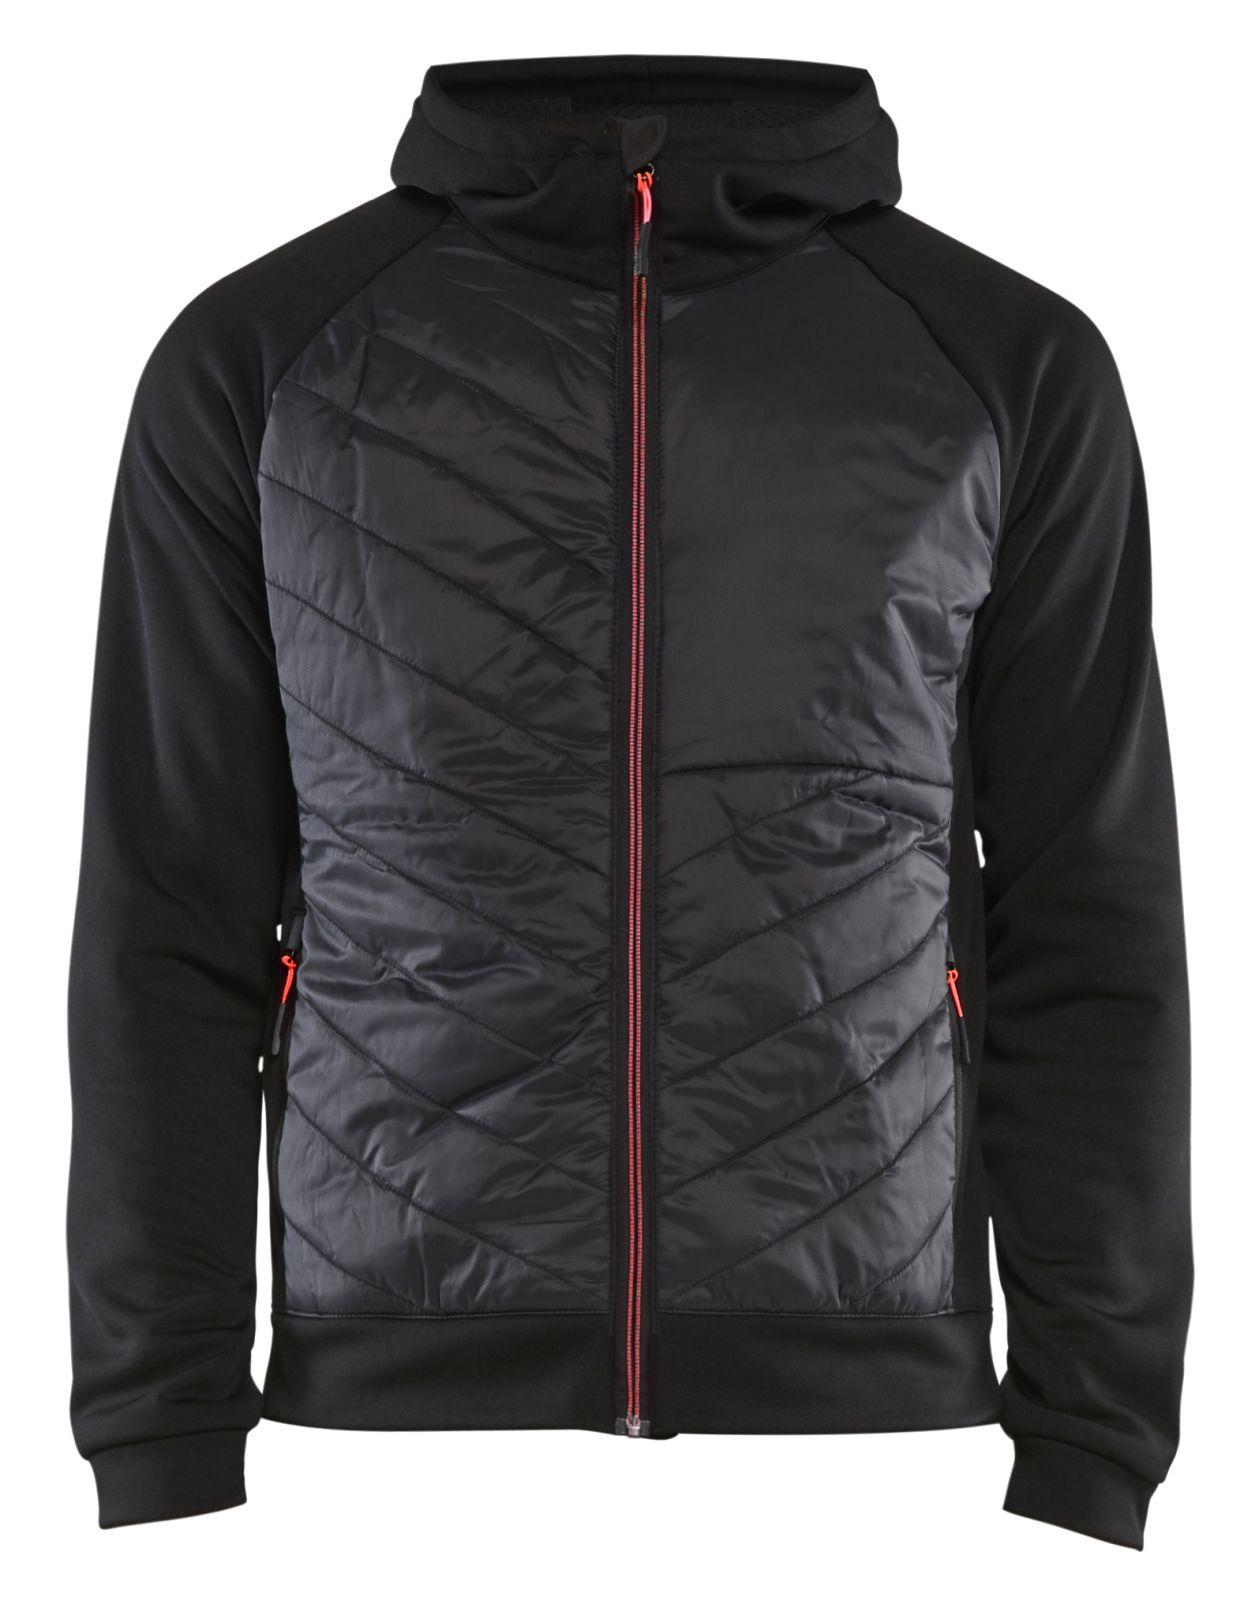 Blaklader Jassen 34632526 zwart-rood(9956)